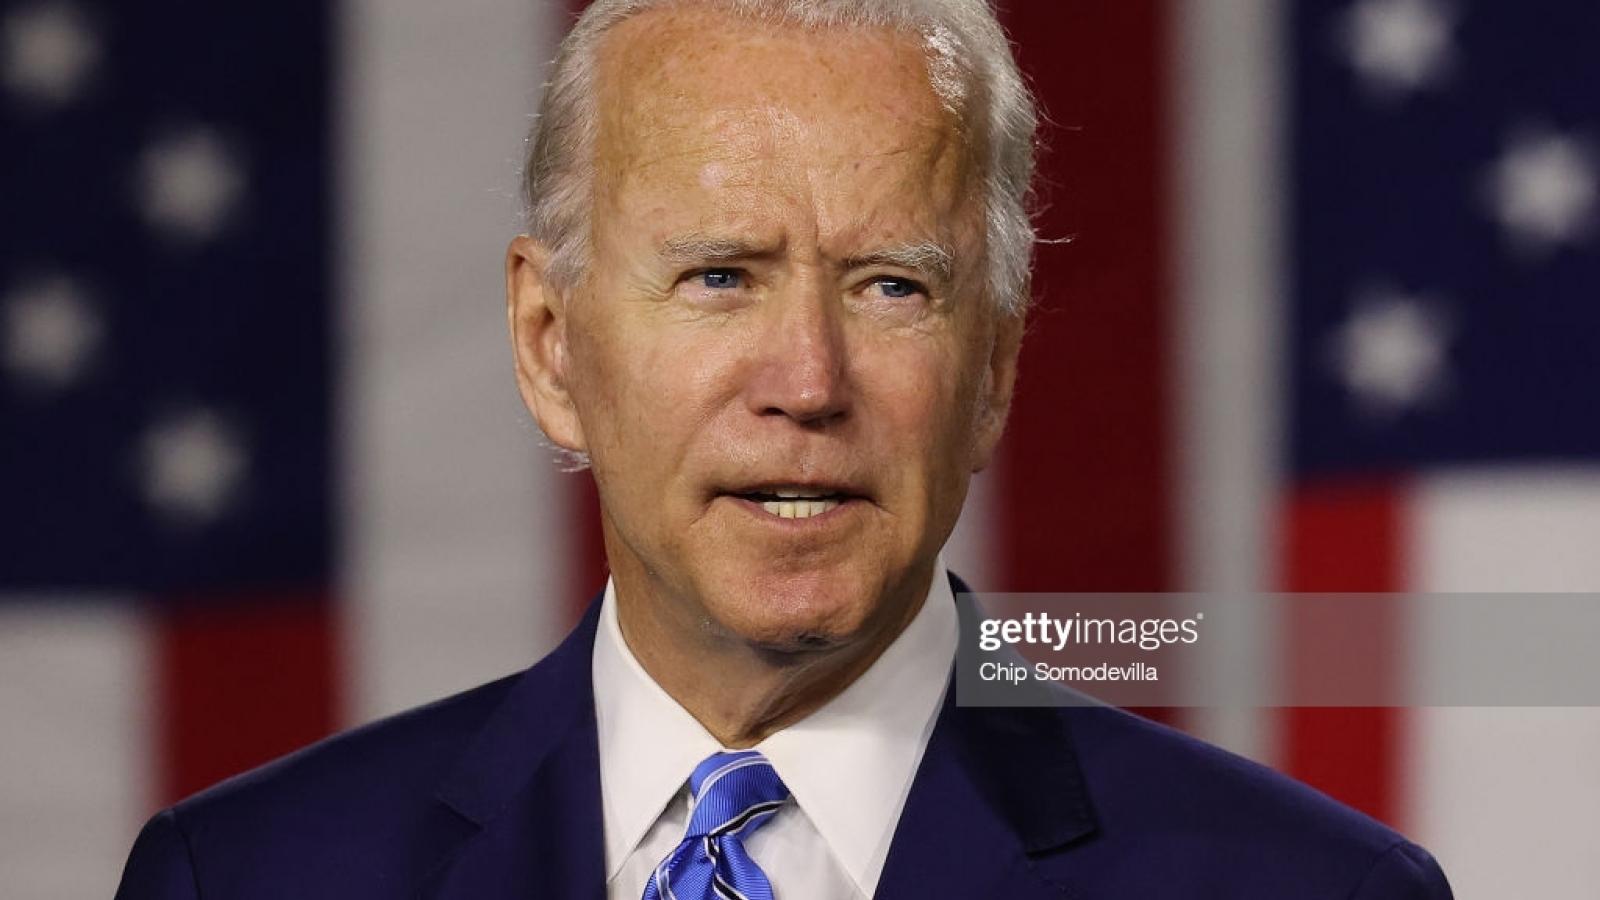 Tổng thống Biden ngăn chặn tình trạng kỳ thị người Mỹ gốc châu Á-Thái Bình Dương